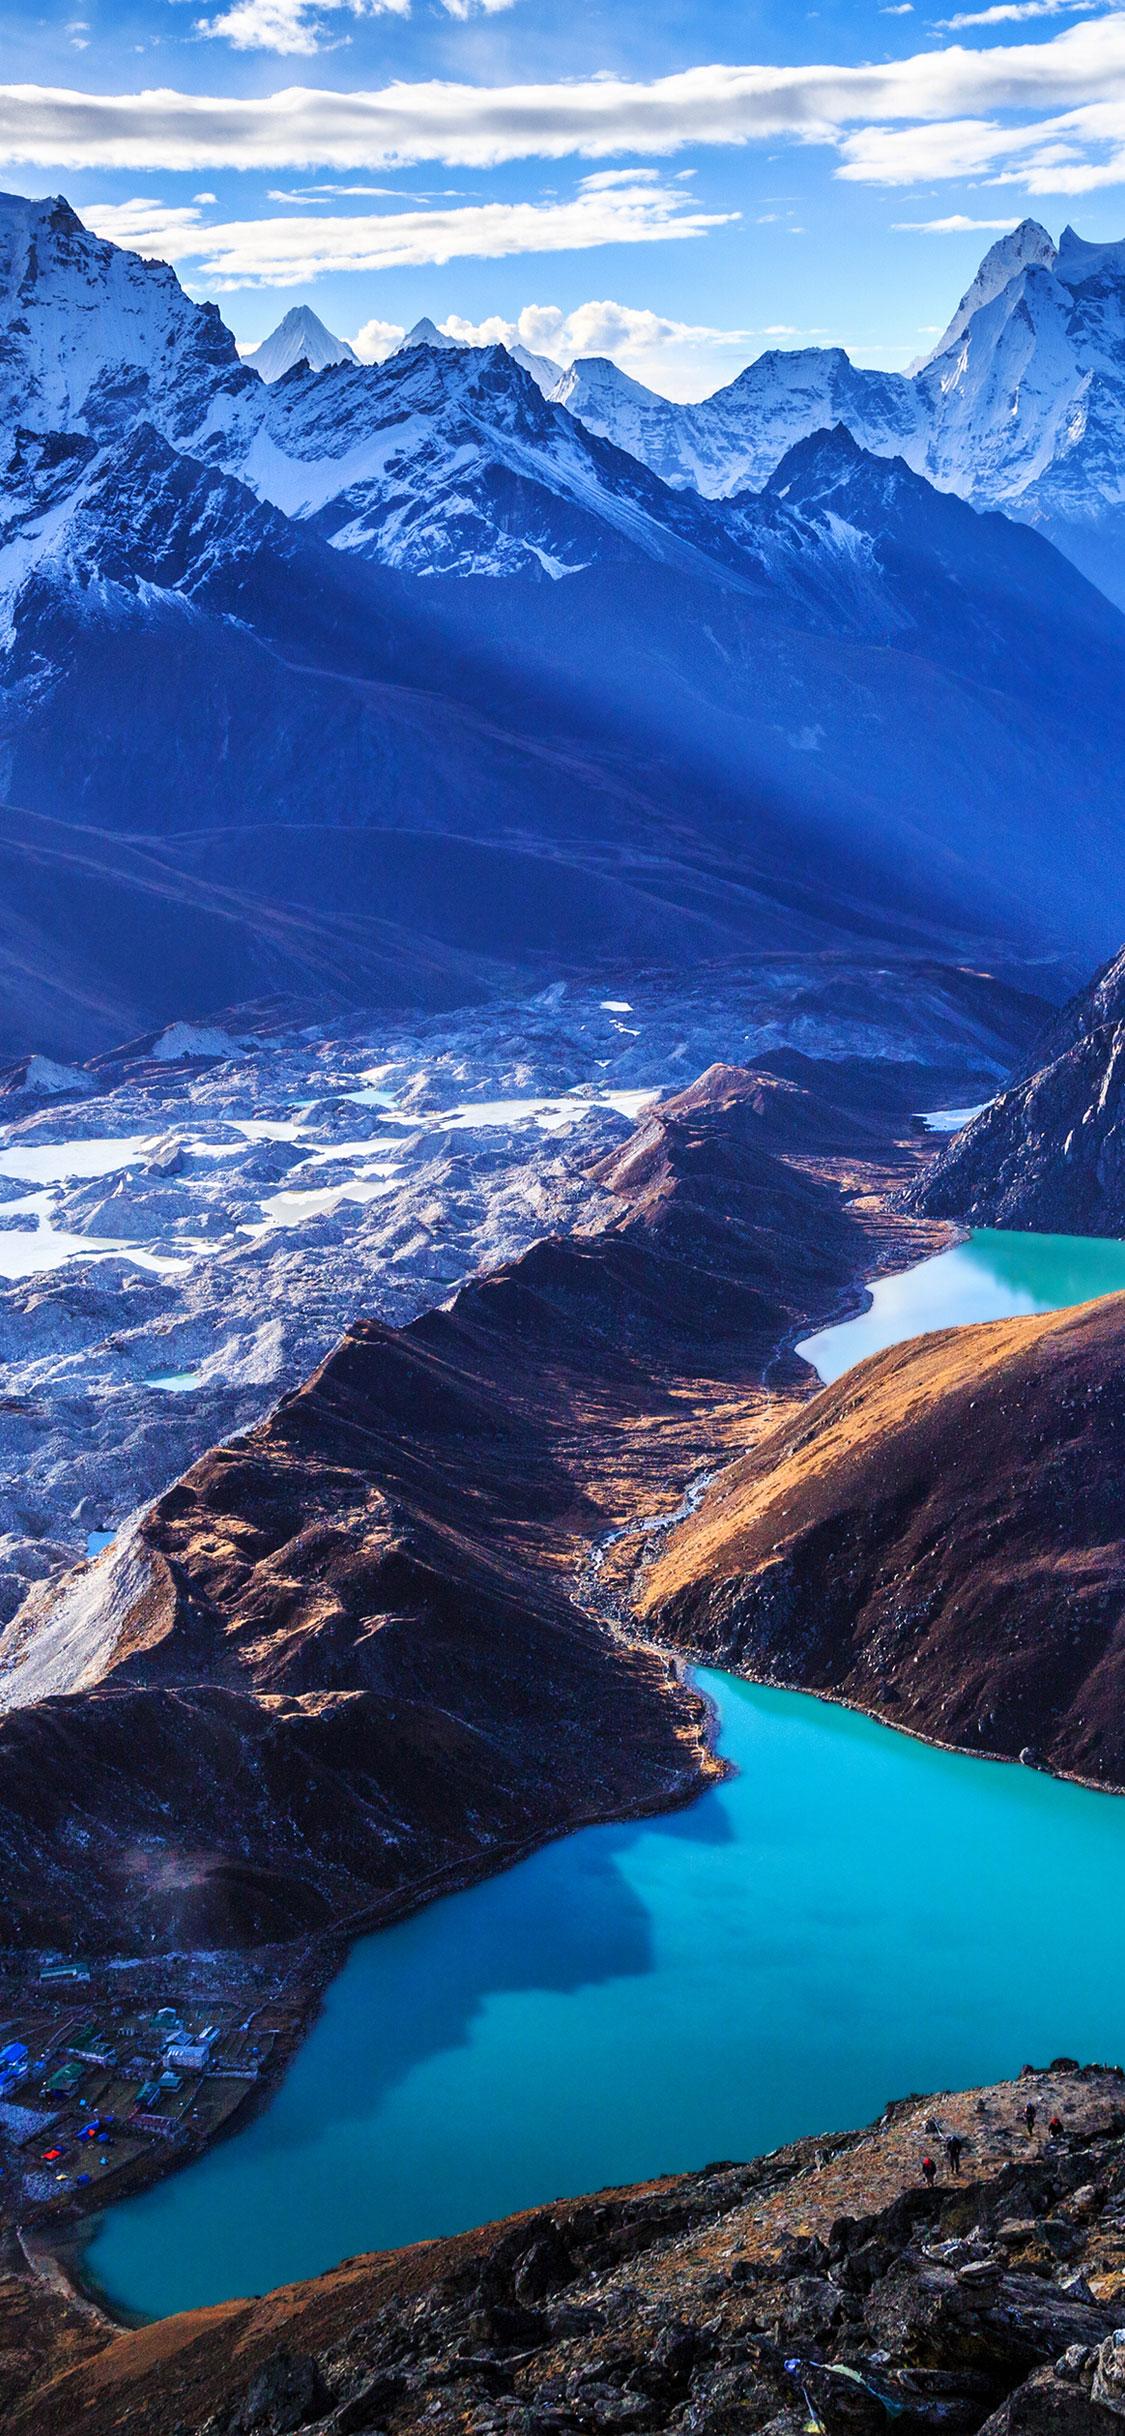 Montagnes-et-lacs